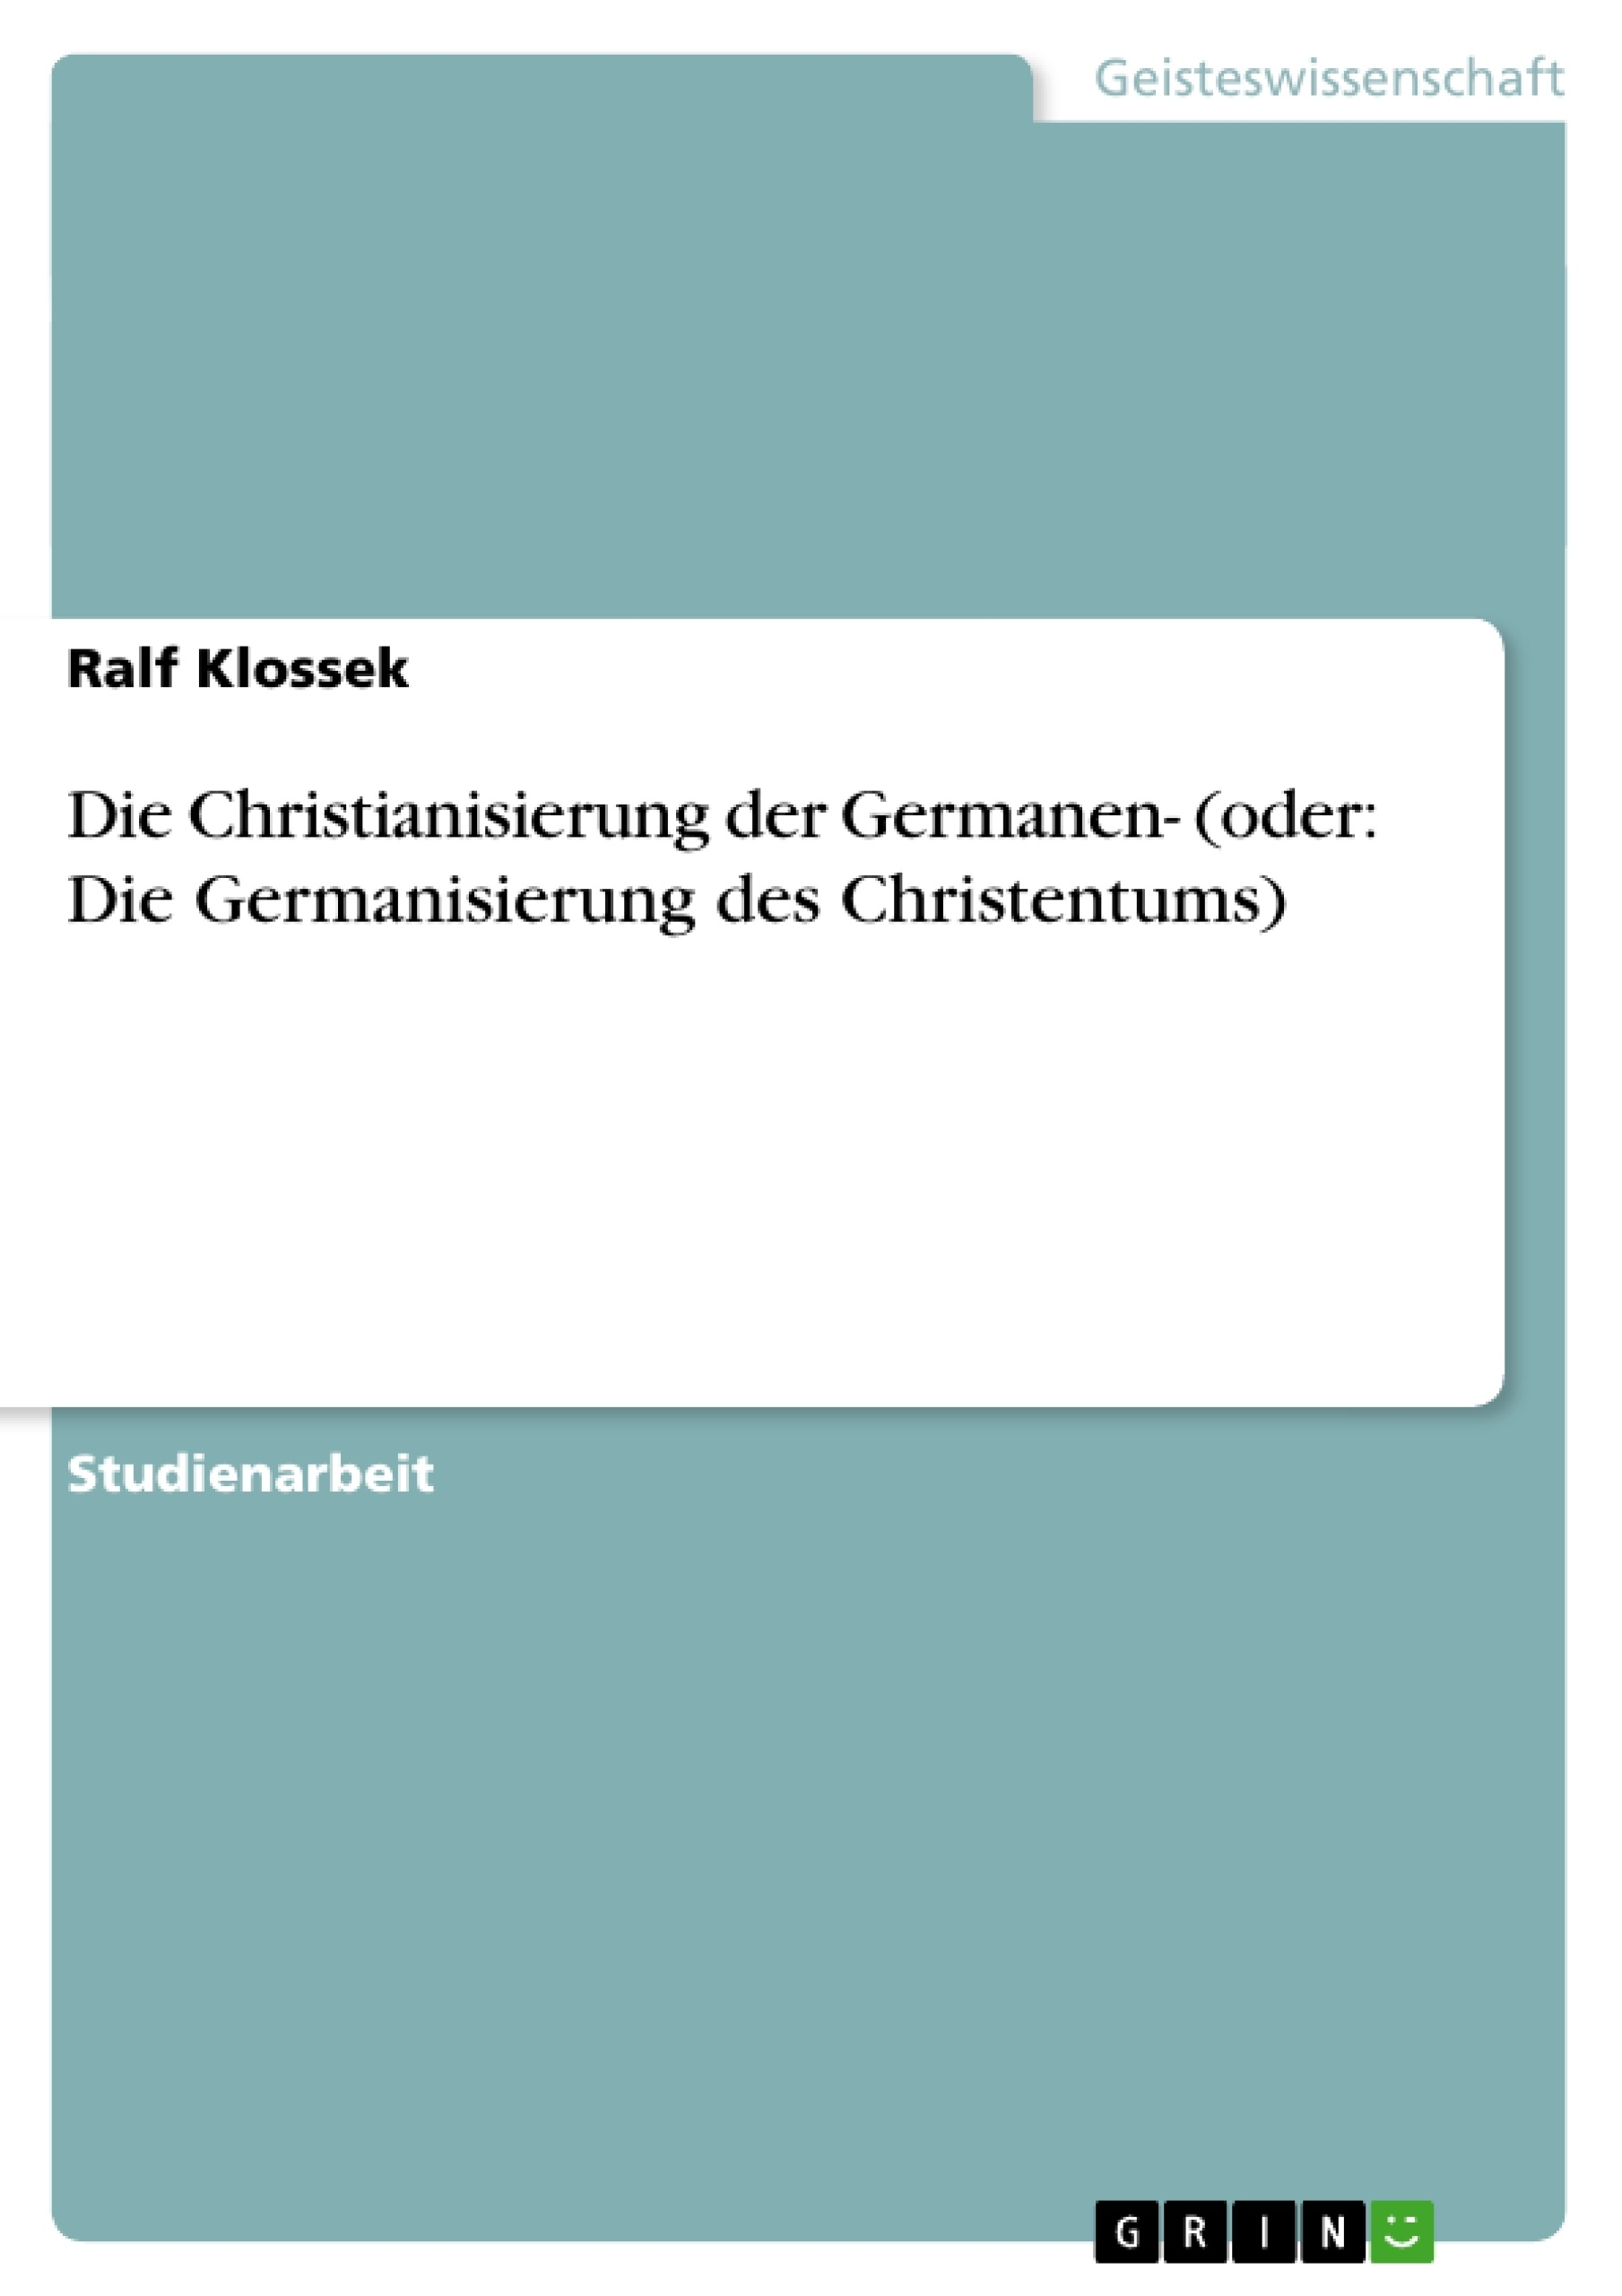 Titel: Die Christianisierung der Germanen- (oder: Die Germanisierung des Christentums)